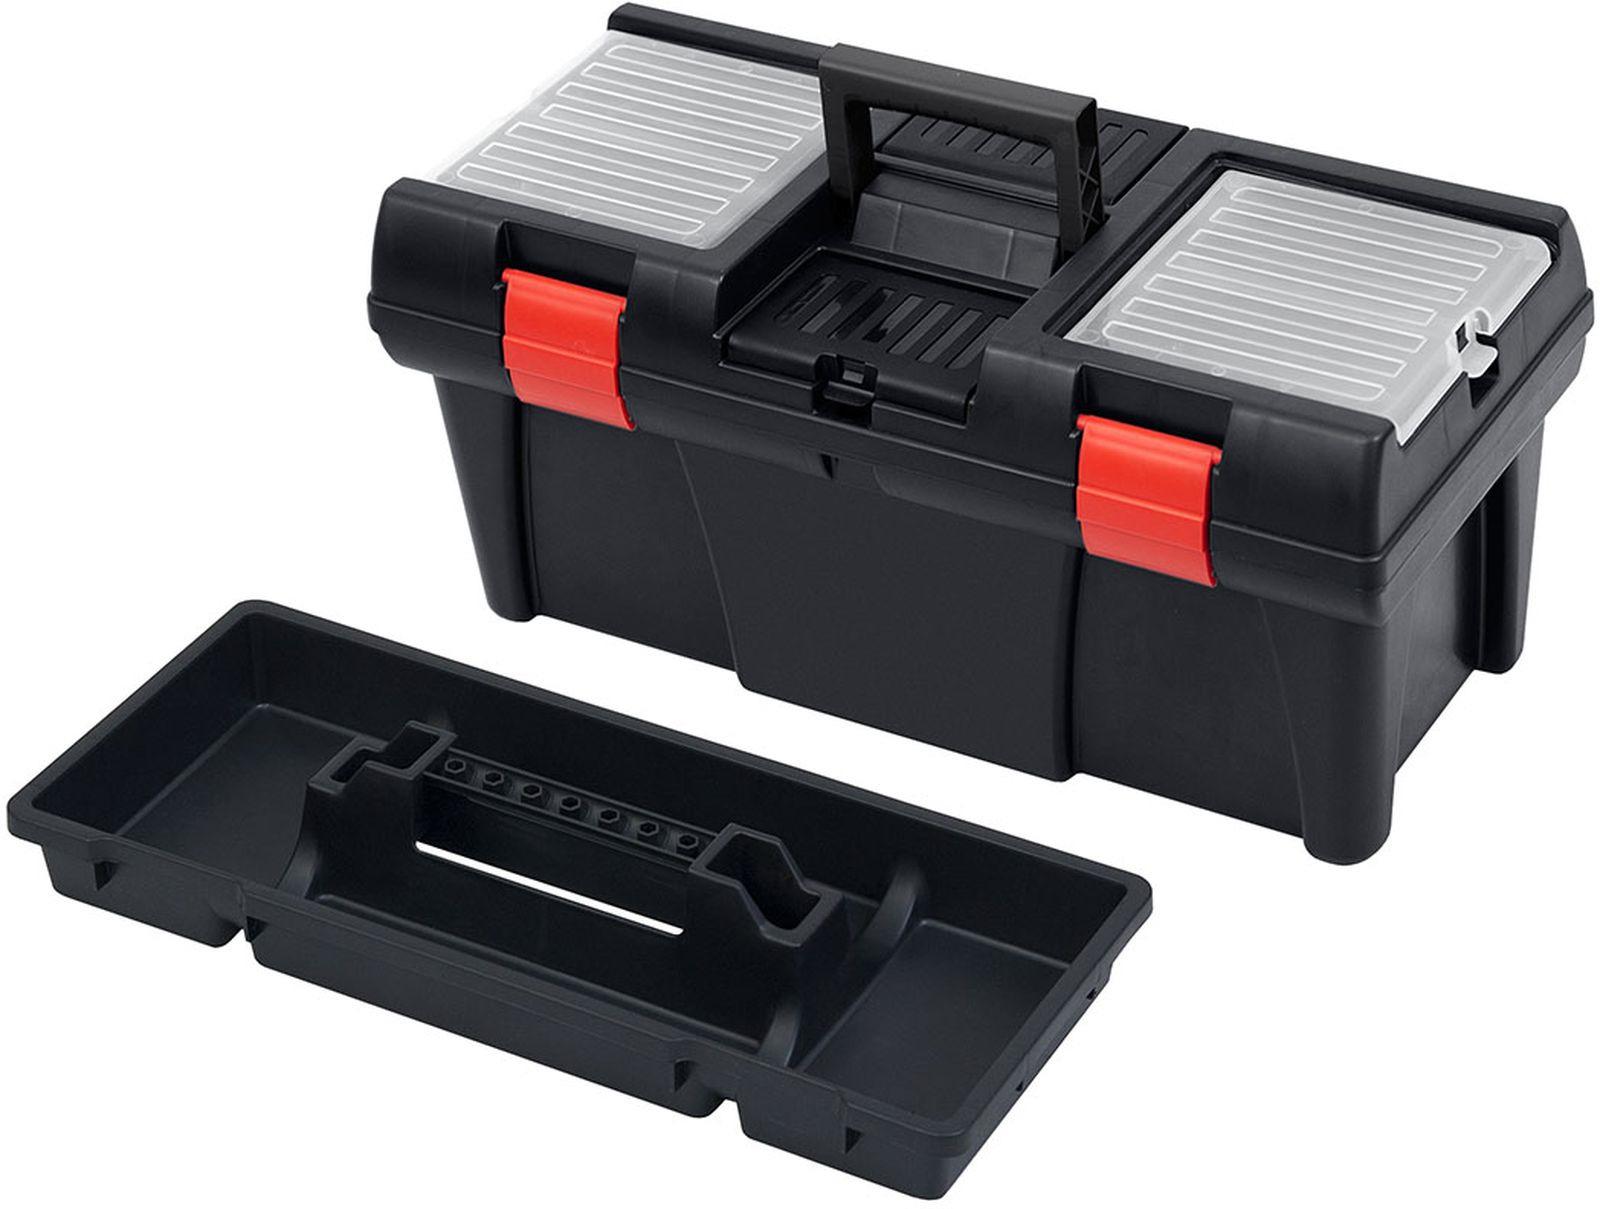 Ящик для инструментов Patrol Stuff, 146179, черный, 53 х 26 х 25 см сумка для инструментов berger мюриц 48 х 26 х 25 см bg1193